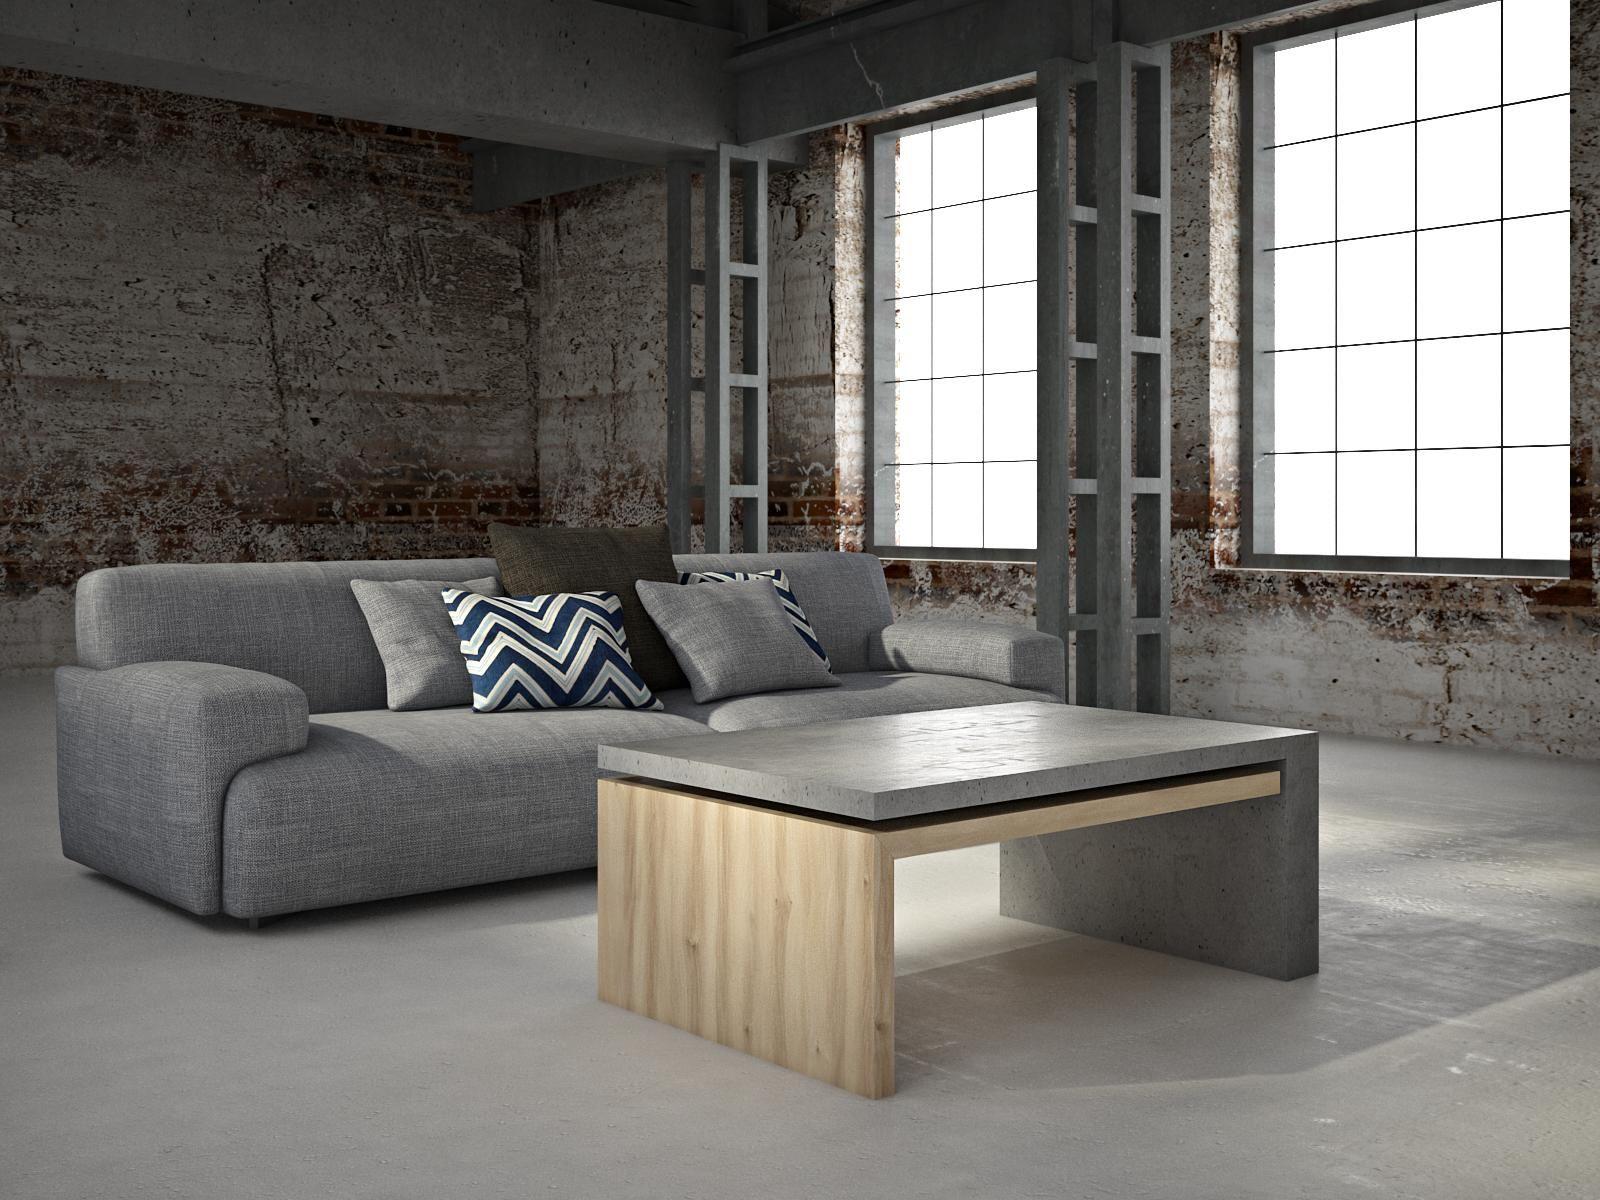 Тренд 2019: как использовать бетон чтобы было стильно